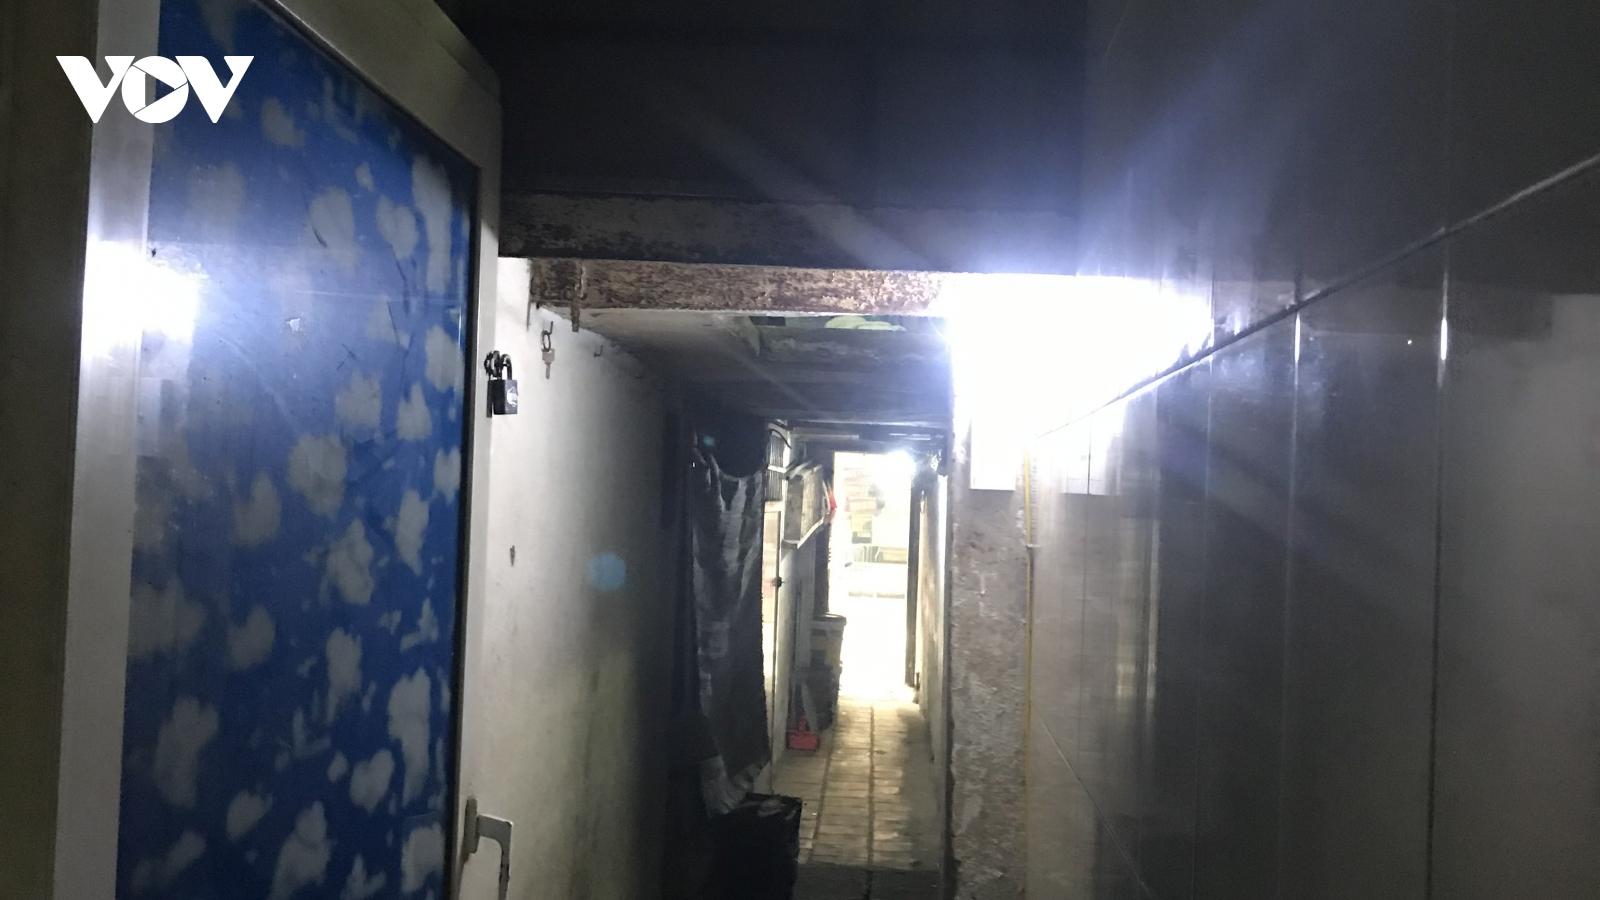 Giãn dân phố cổ Hà Nội: Đi cũng dở mà ở không xong